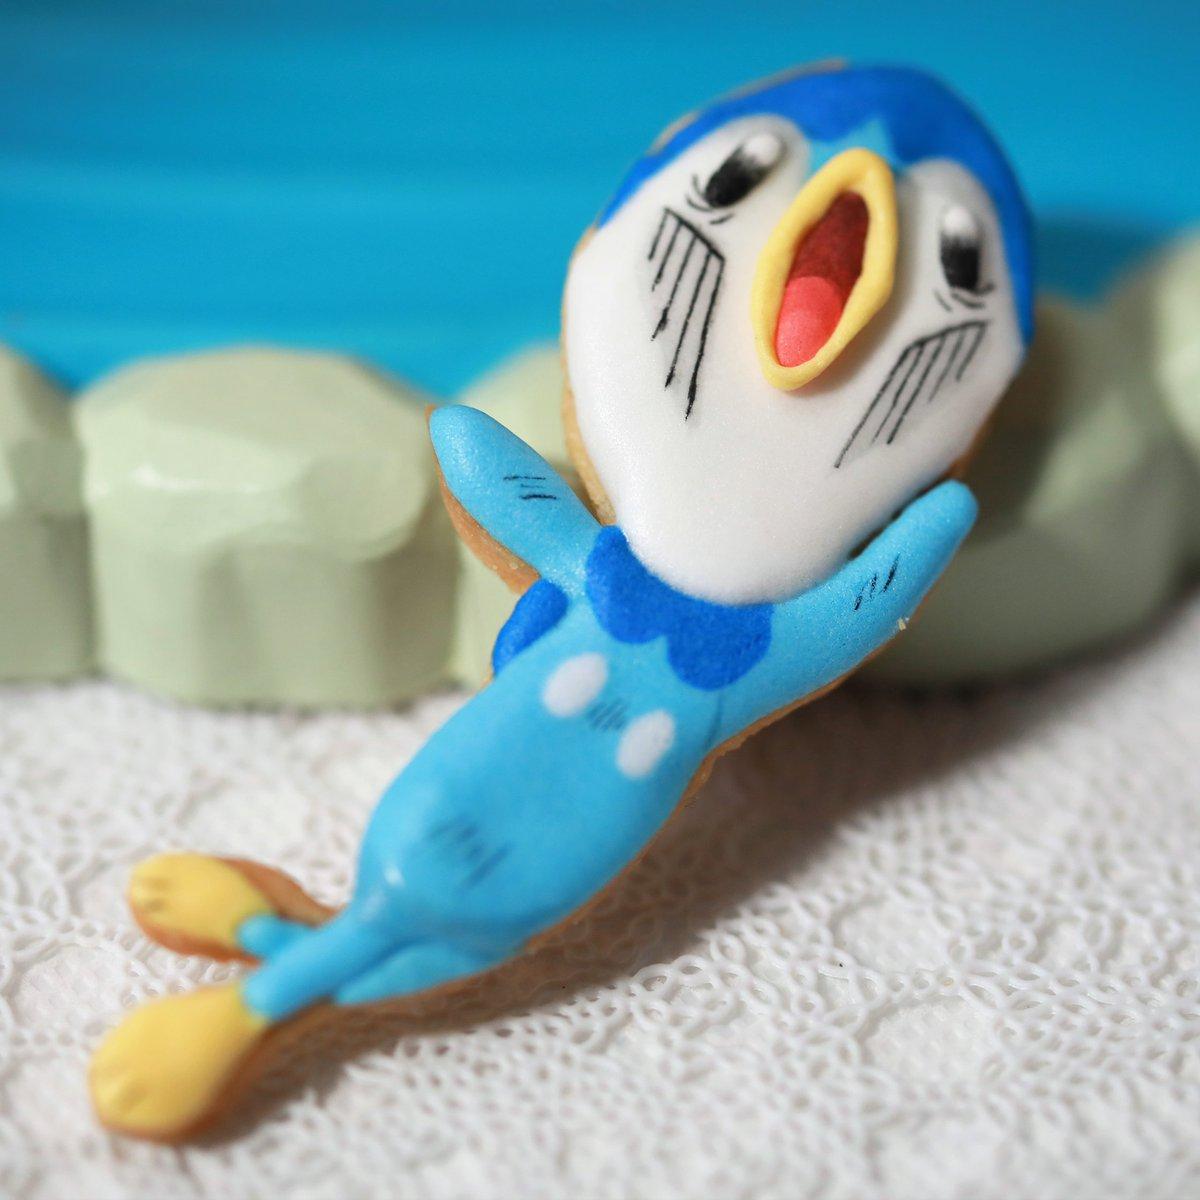 今日はポケモンGOがポッチャマの日!ということでポッチャマの色違い報告がかならり出てます(*´ω`人)先週アニポケでもかなり盛り上がっただけに2週連続トレンド入り!!ネットニュースにも載ったアイシングクッキーの子達はこちらですよ♪みんなに色違い当たりますように!#ポッチャマ